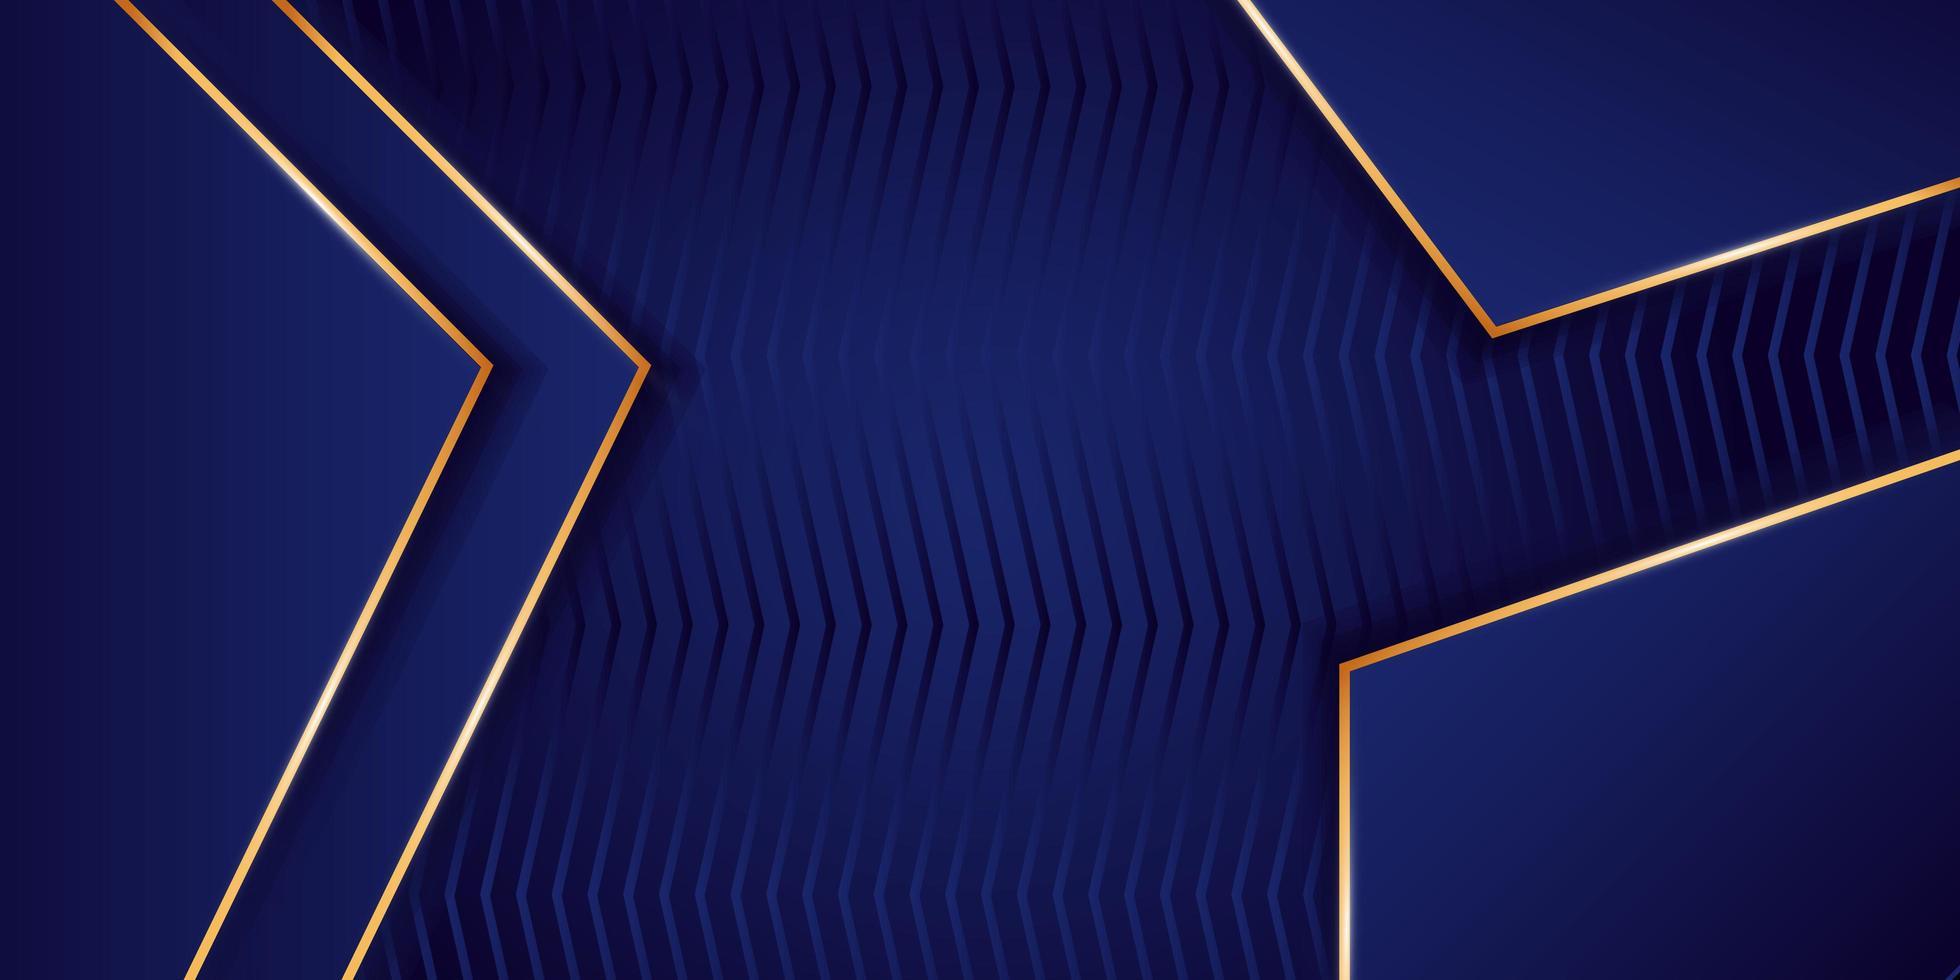 Élégant fond bleu et or vecteur